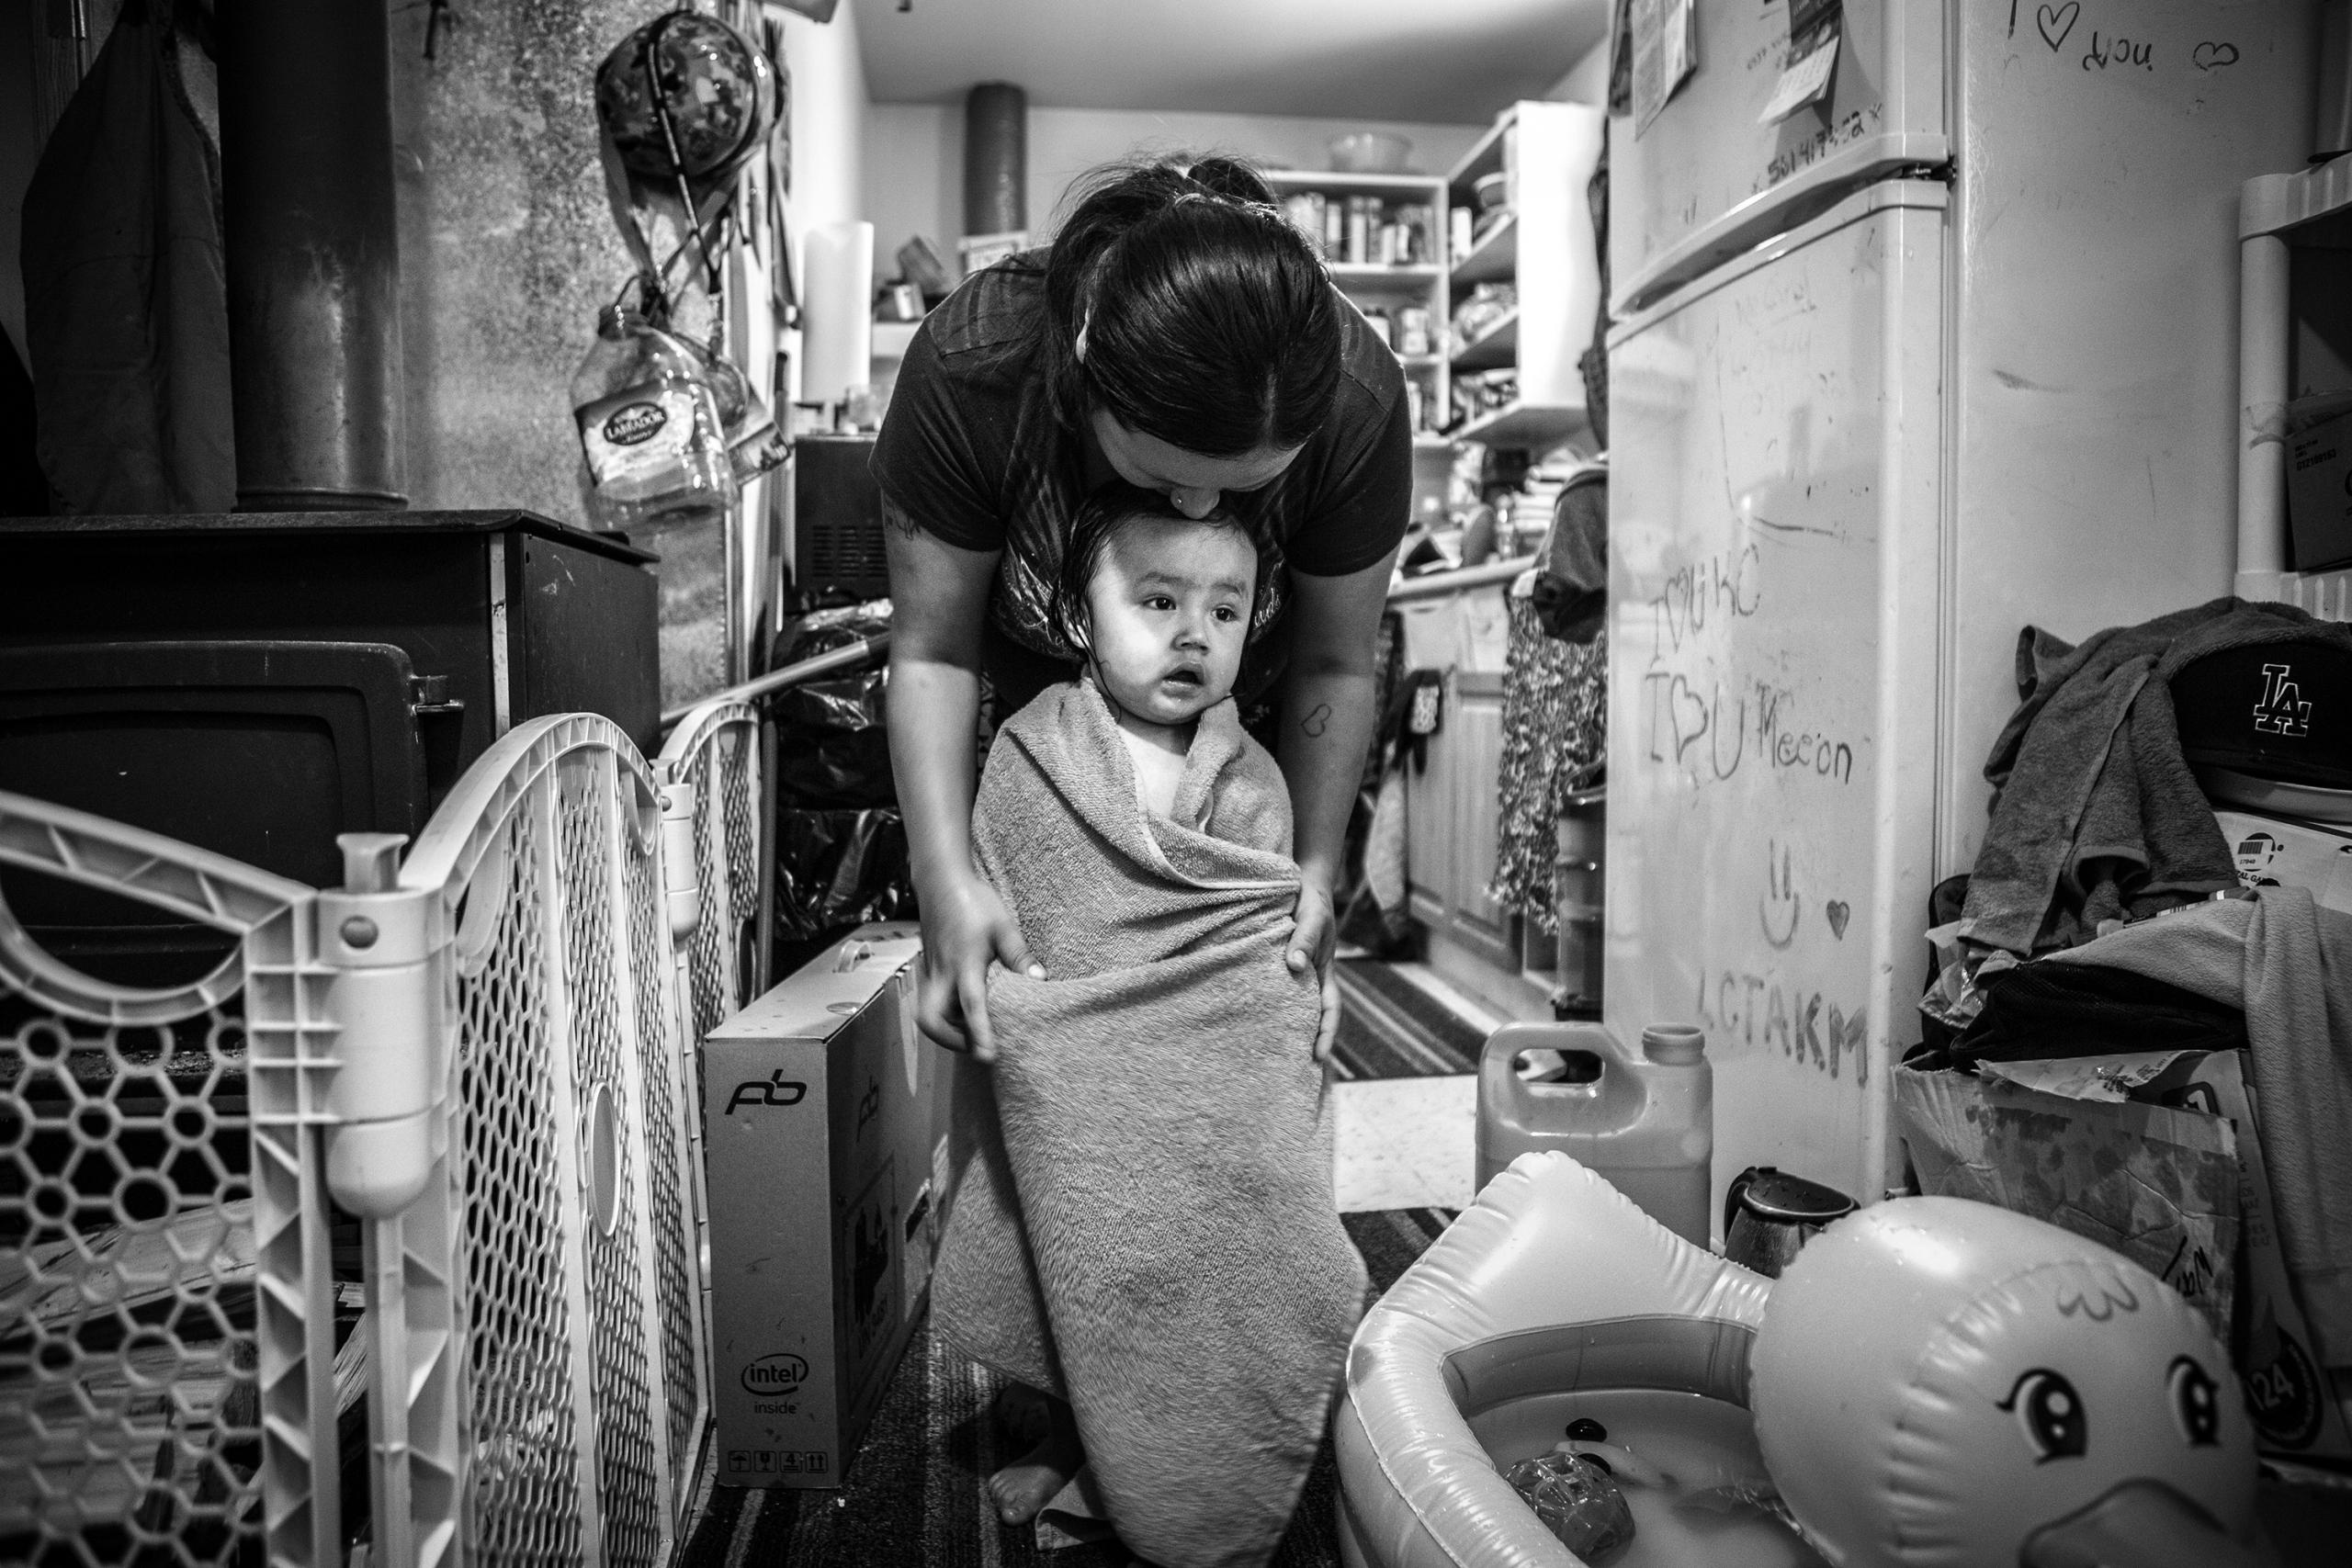 Chris Donovan, Casey Moonias with her son Meeson, Neskantaga First Nation, 2018